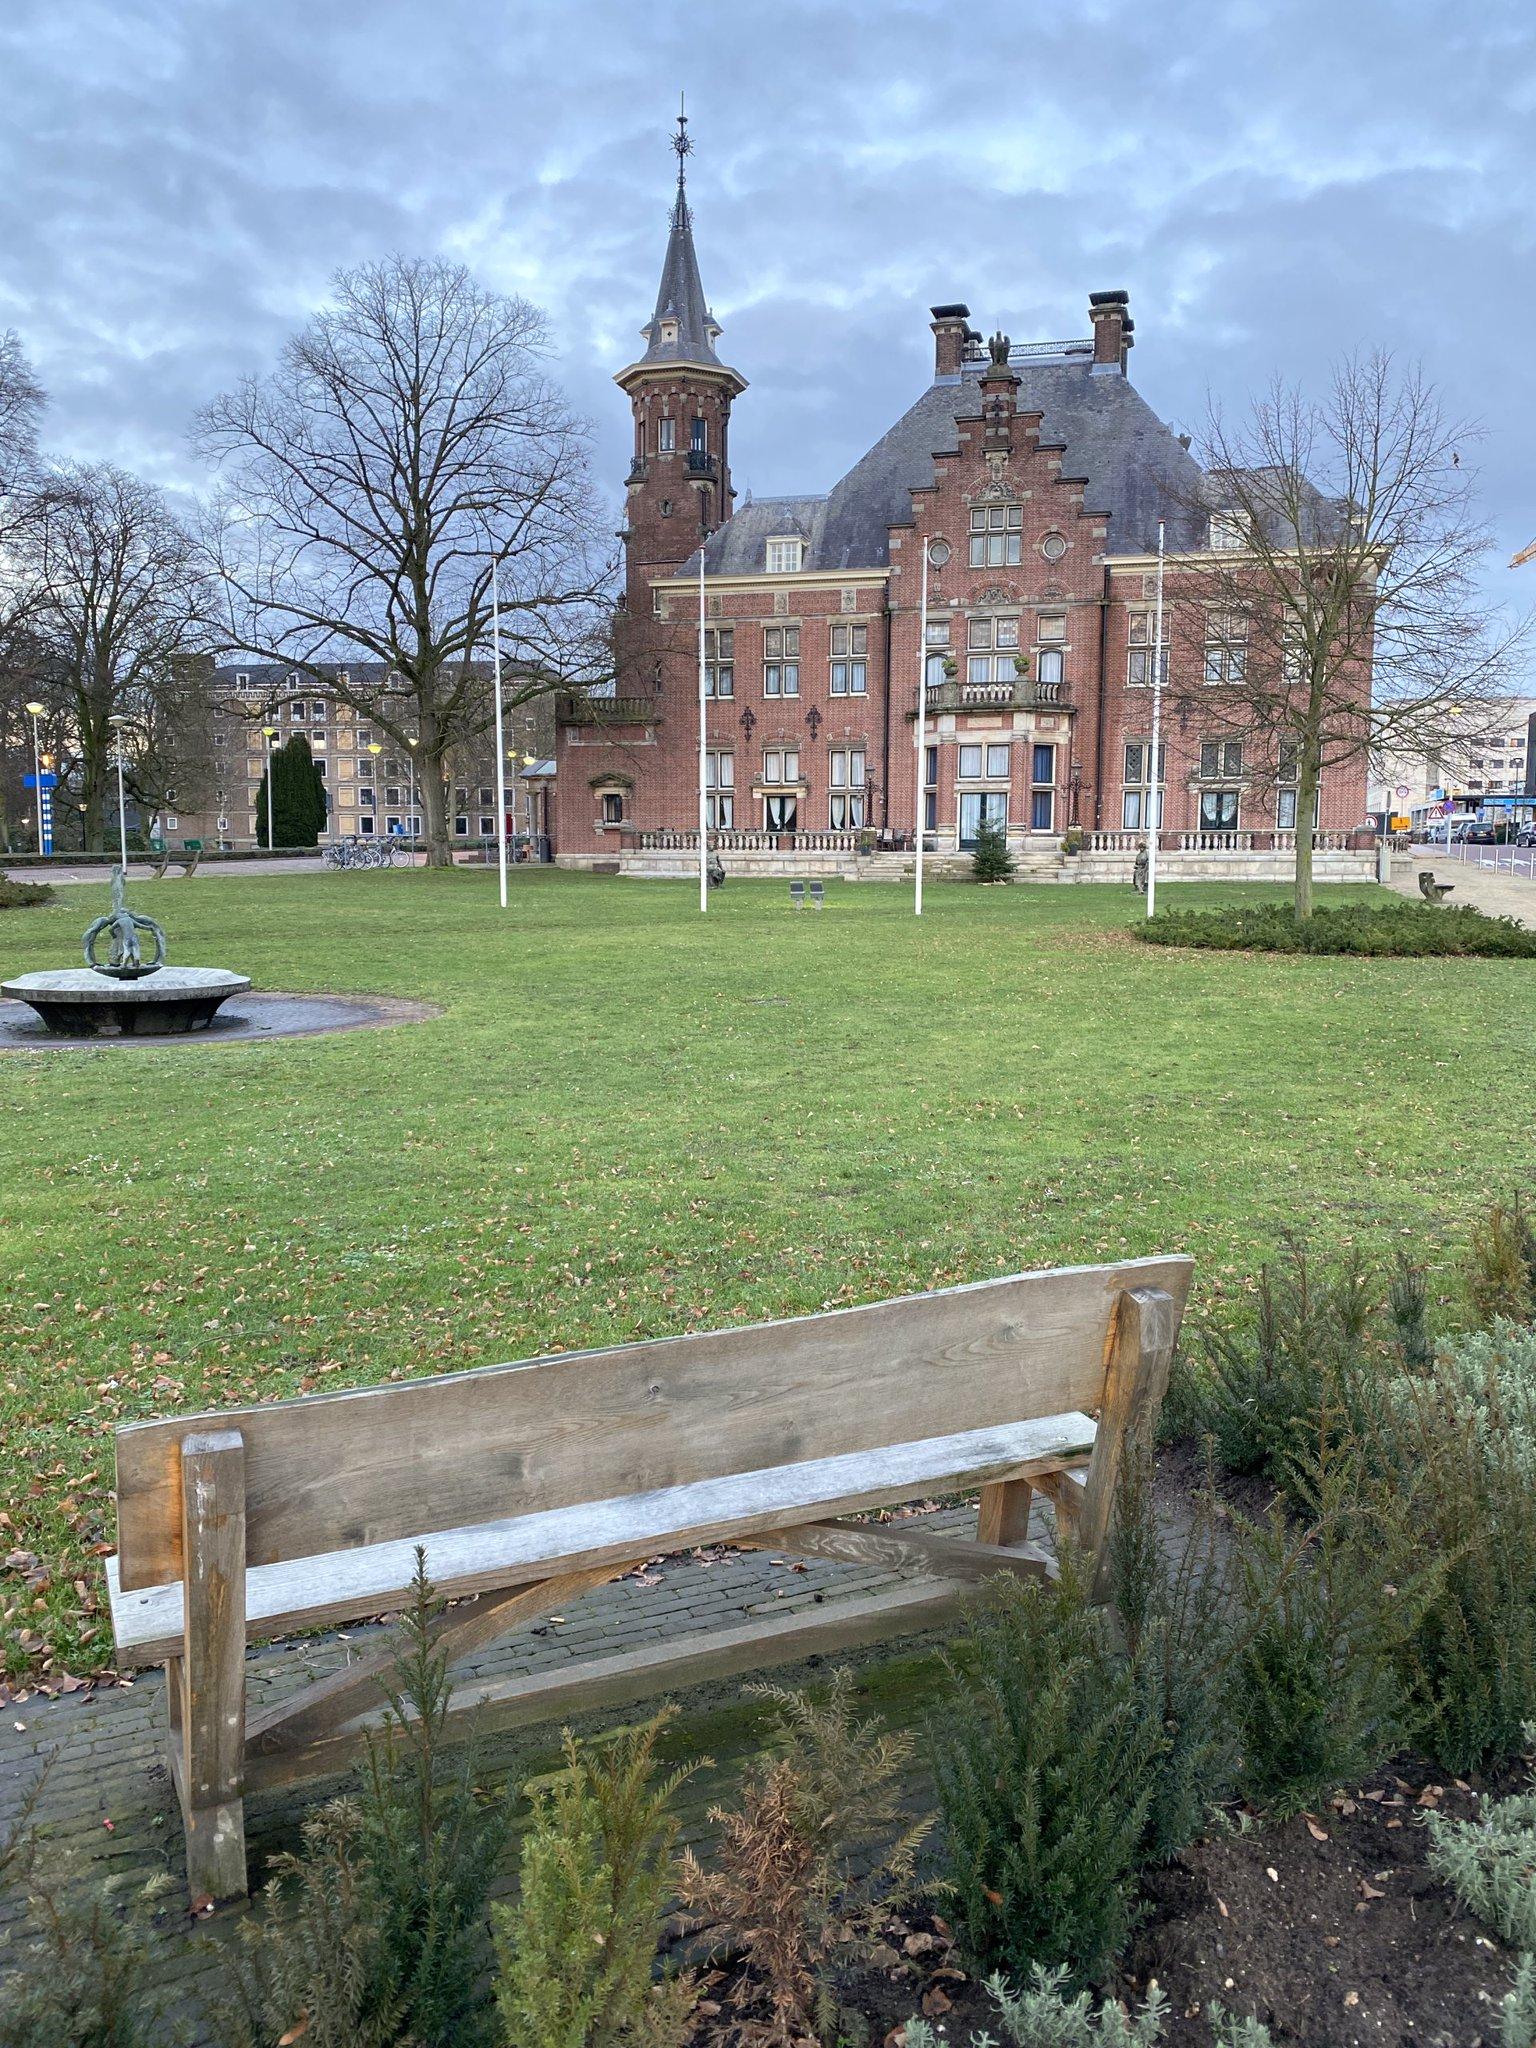 rt-arthurskm-speciaal-voor-wandelbankjes-en-walkersbenches-op-het-terrein-van-de-radboud-universiteit-in-nijmegen-9-https-t-co-5w